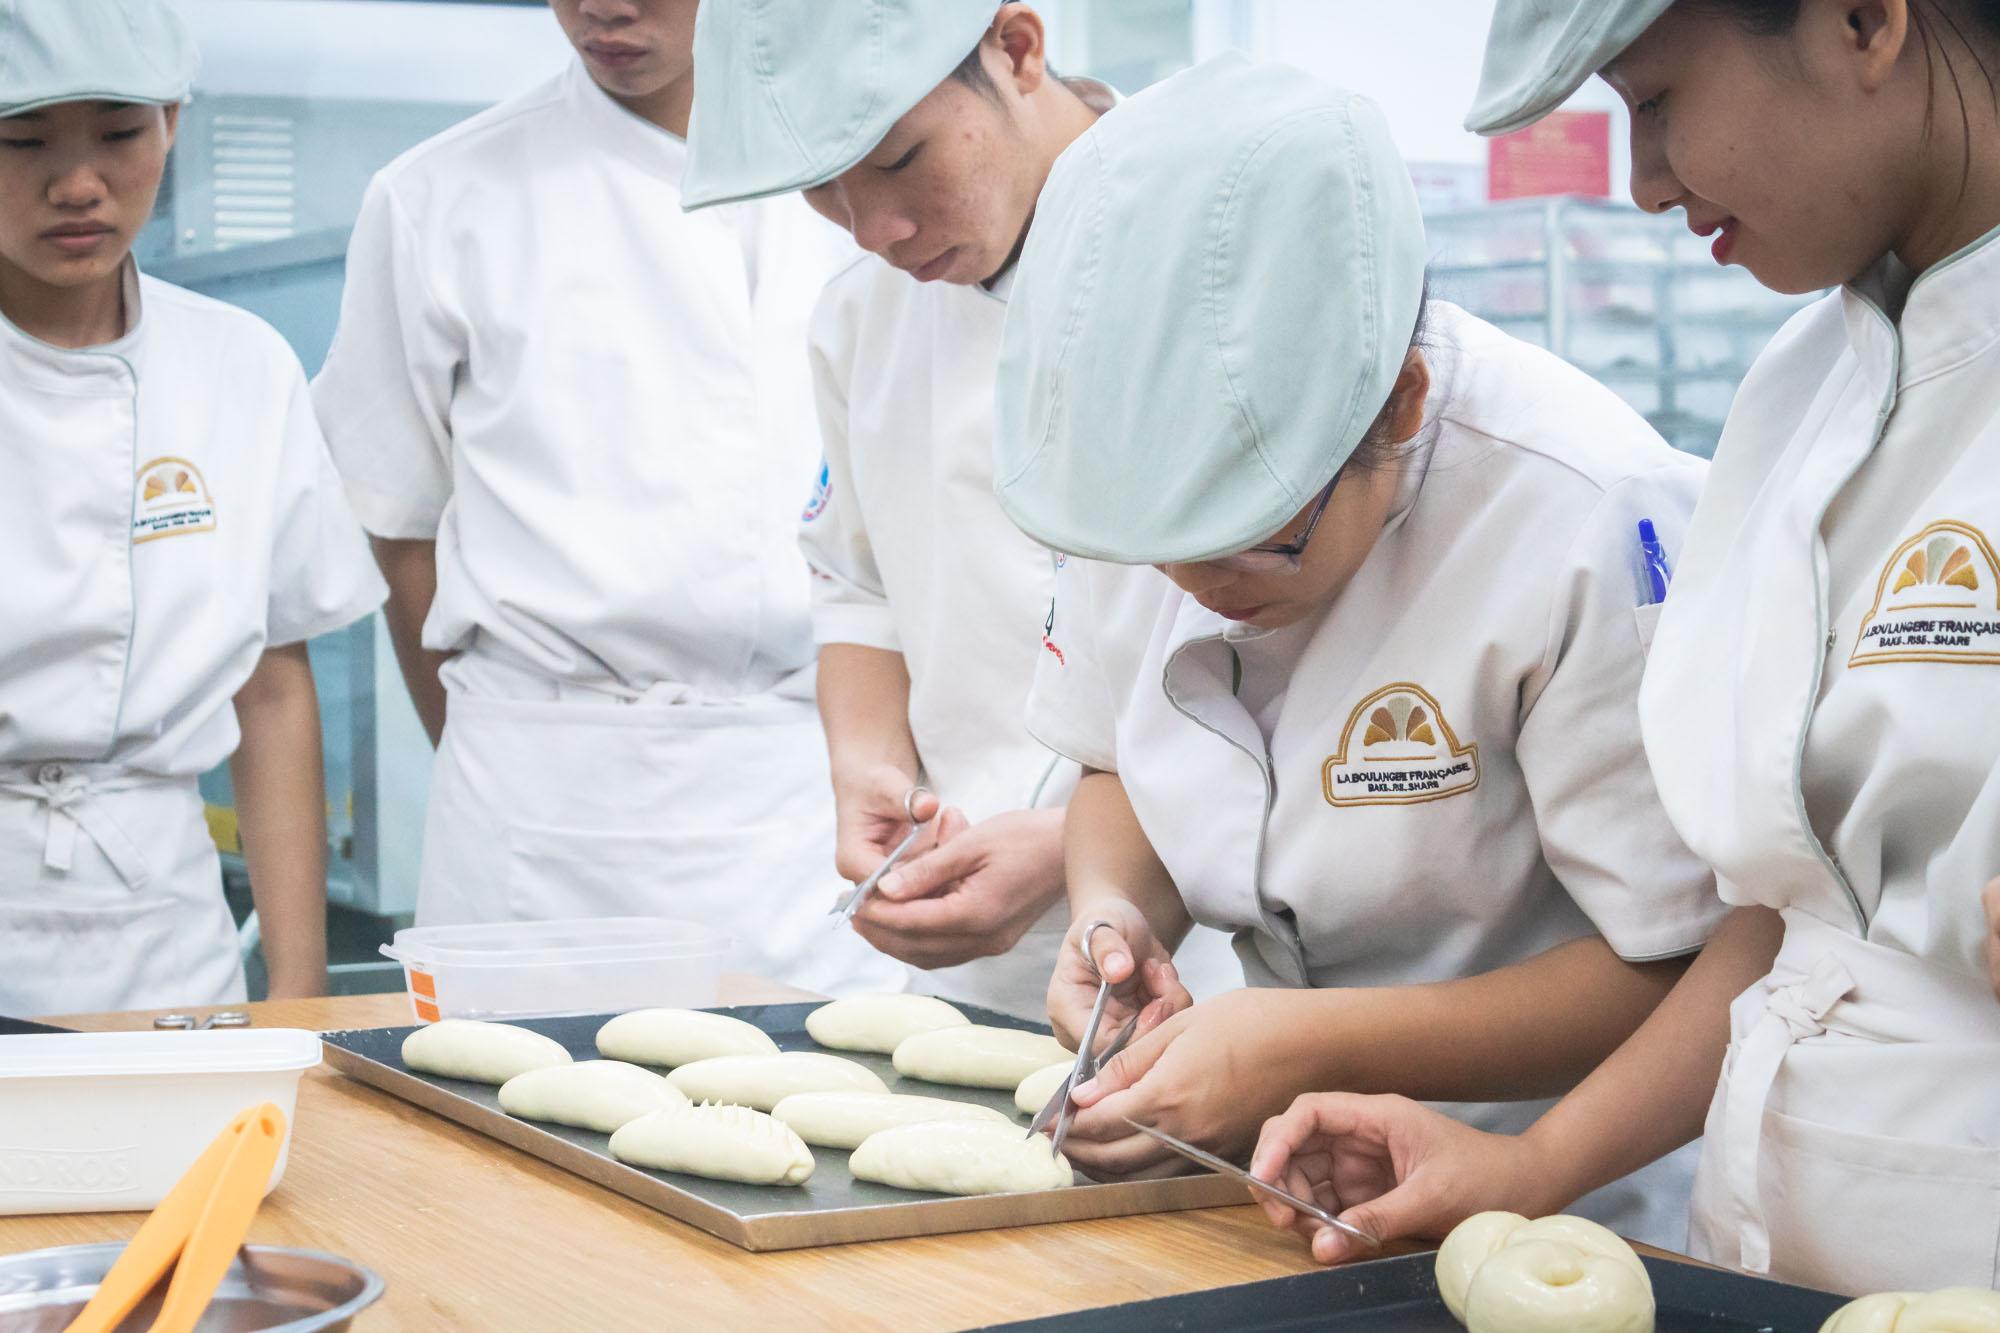 La Boulangerie Francaise featured